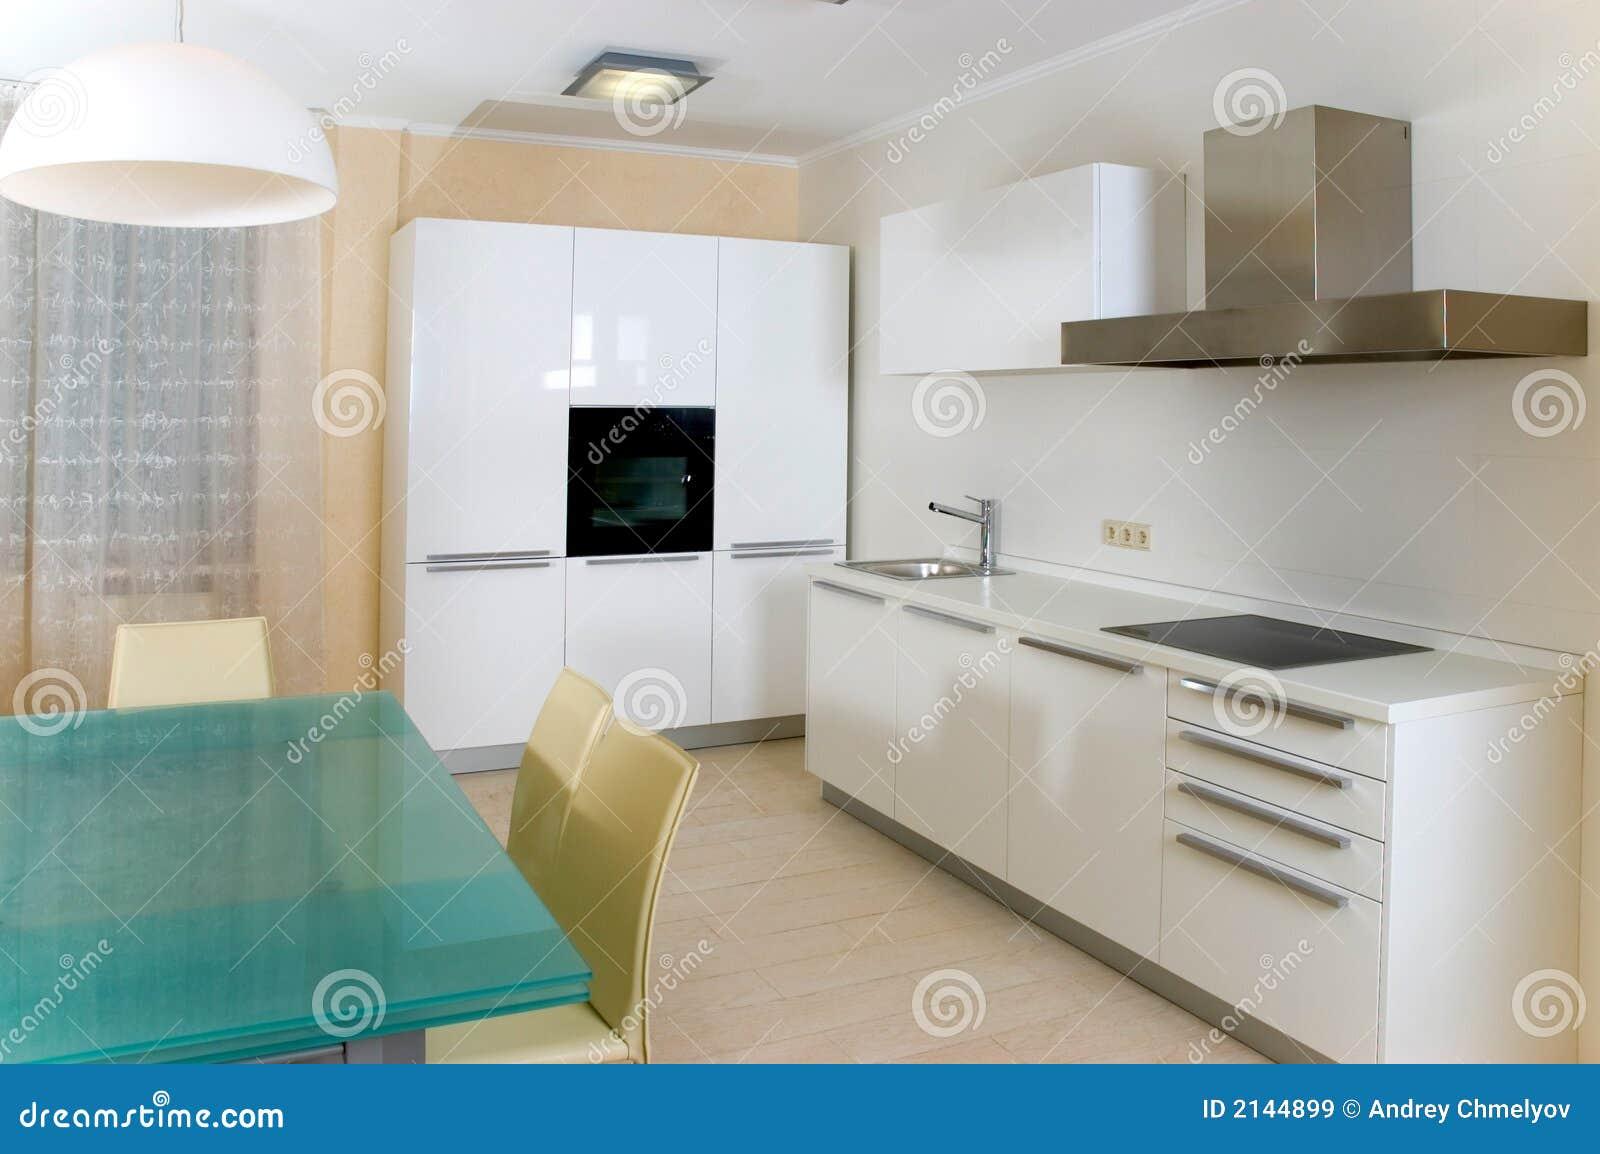 Cuisine moderne avec des meubles images libres de droits for Meuble de cuisine moderne